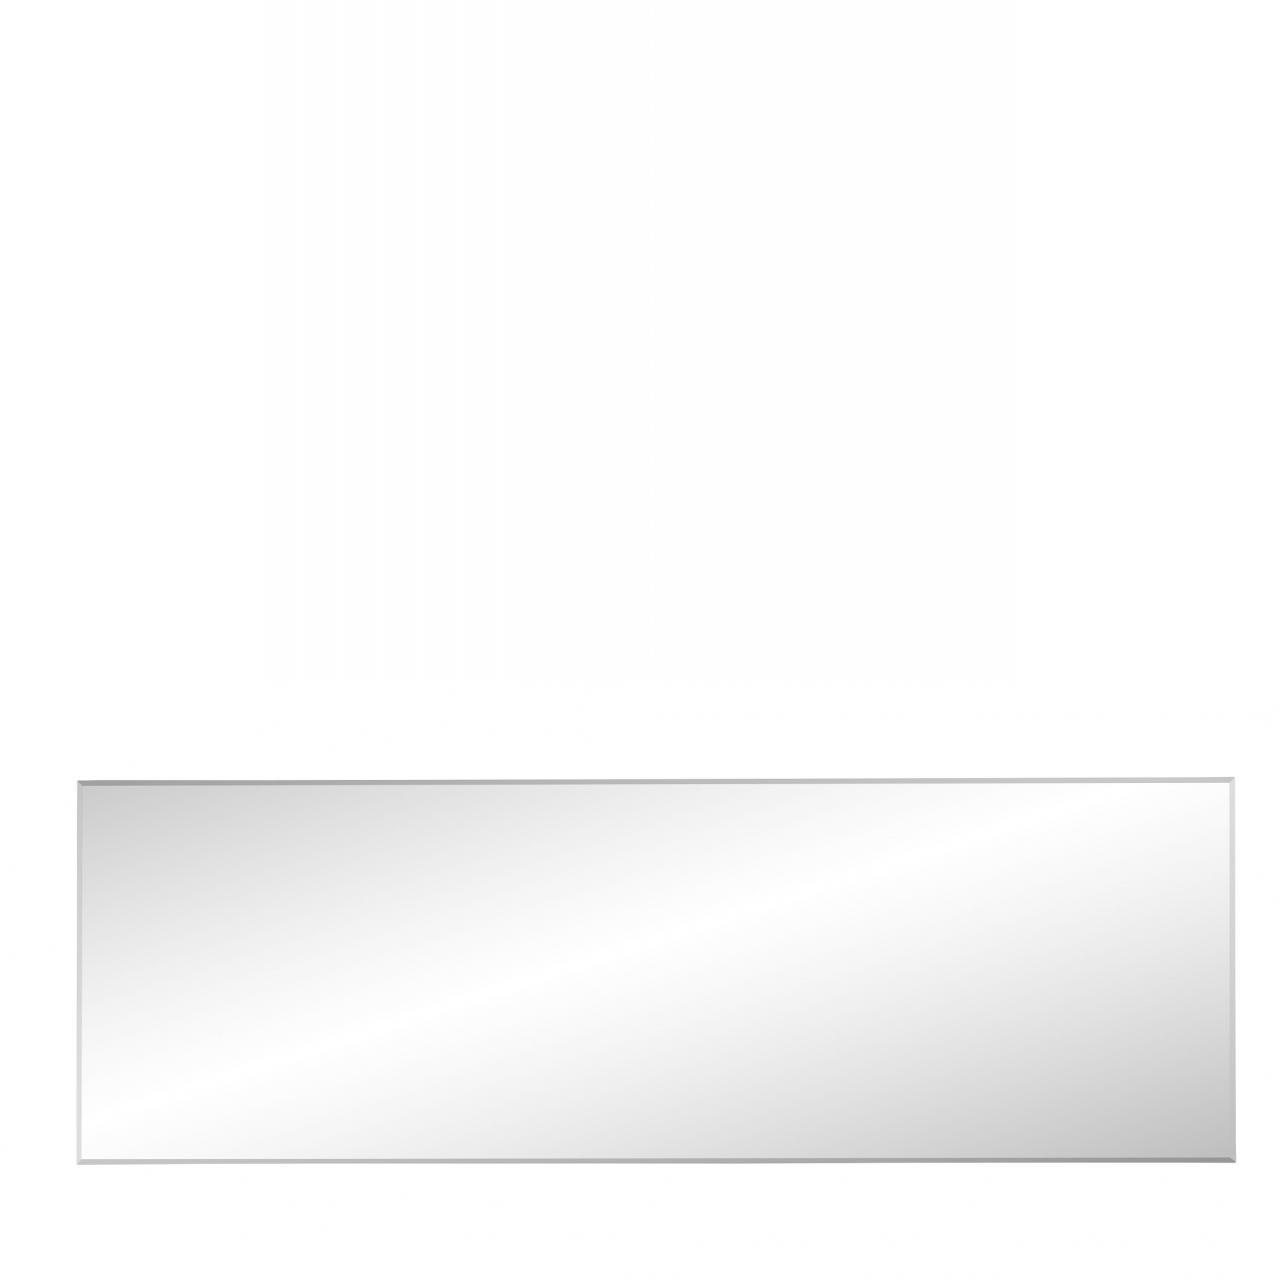 Spiegel Ticona Flur Diele Garderobe Schlafzimmer Wohnzimmer Wandspiegel Neutral